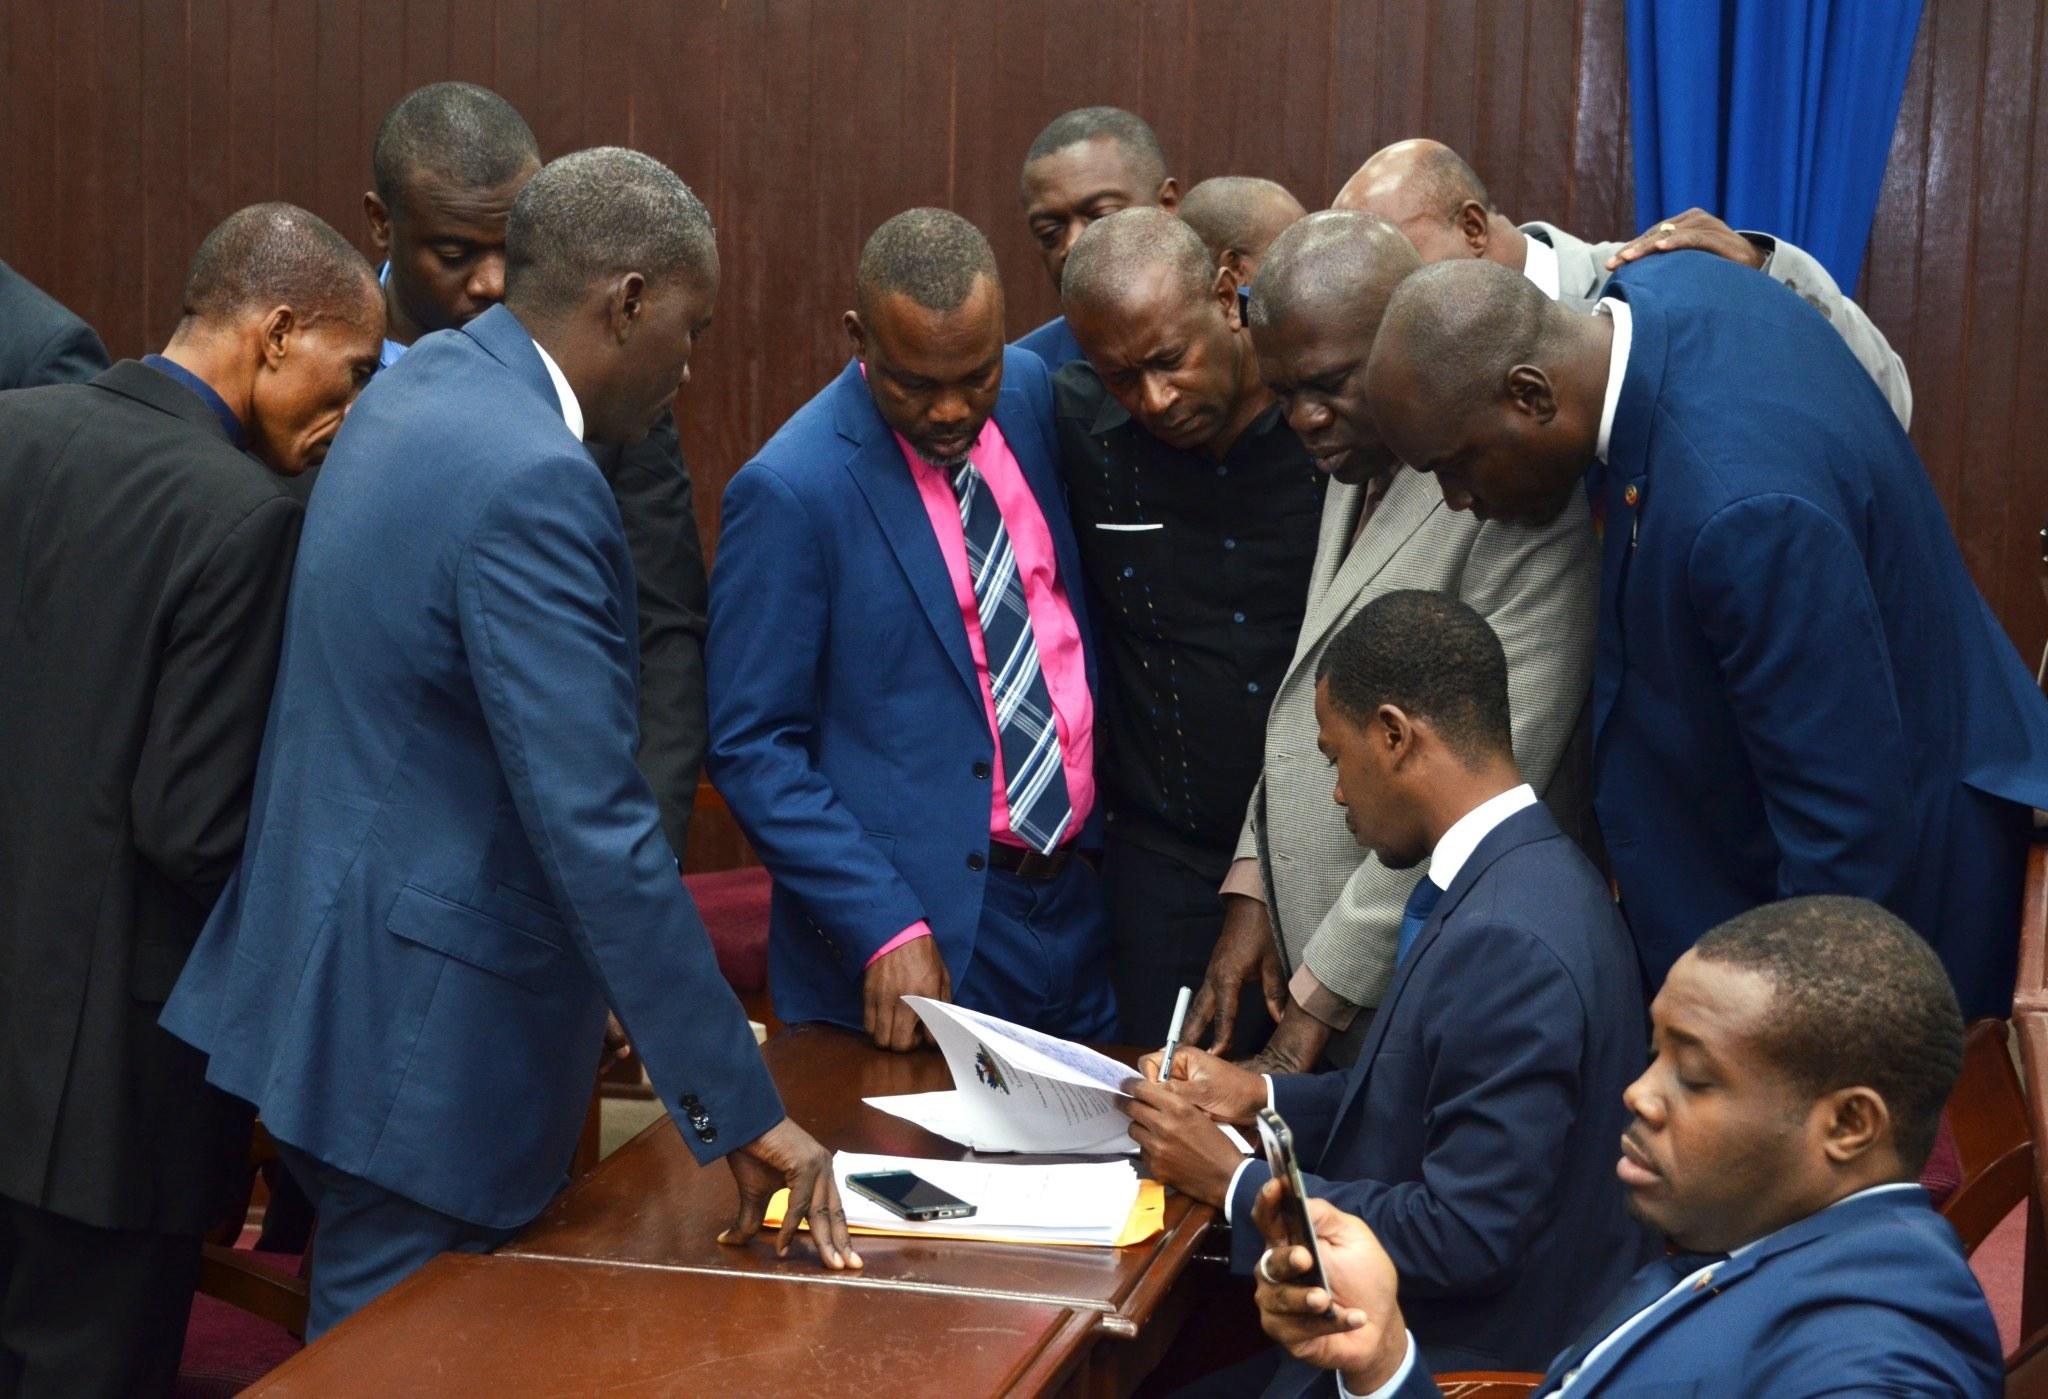 Le Bloc majoritaire présidentiel APH se renforce avec plus de 71 députés. Fort d'un tel constat, le président de la chambre basse appelle à un consensus concernant la mise place des commissions permanentes 29